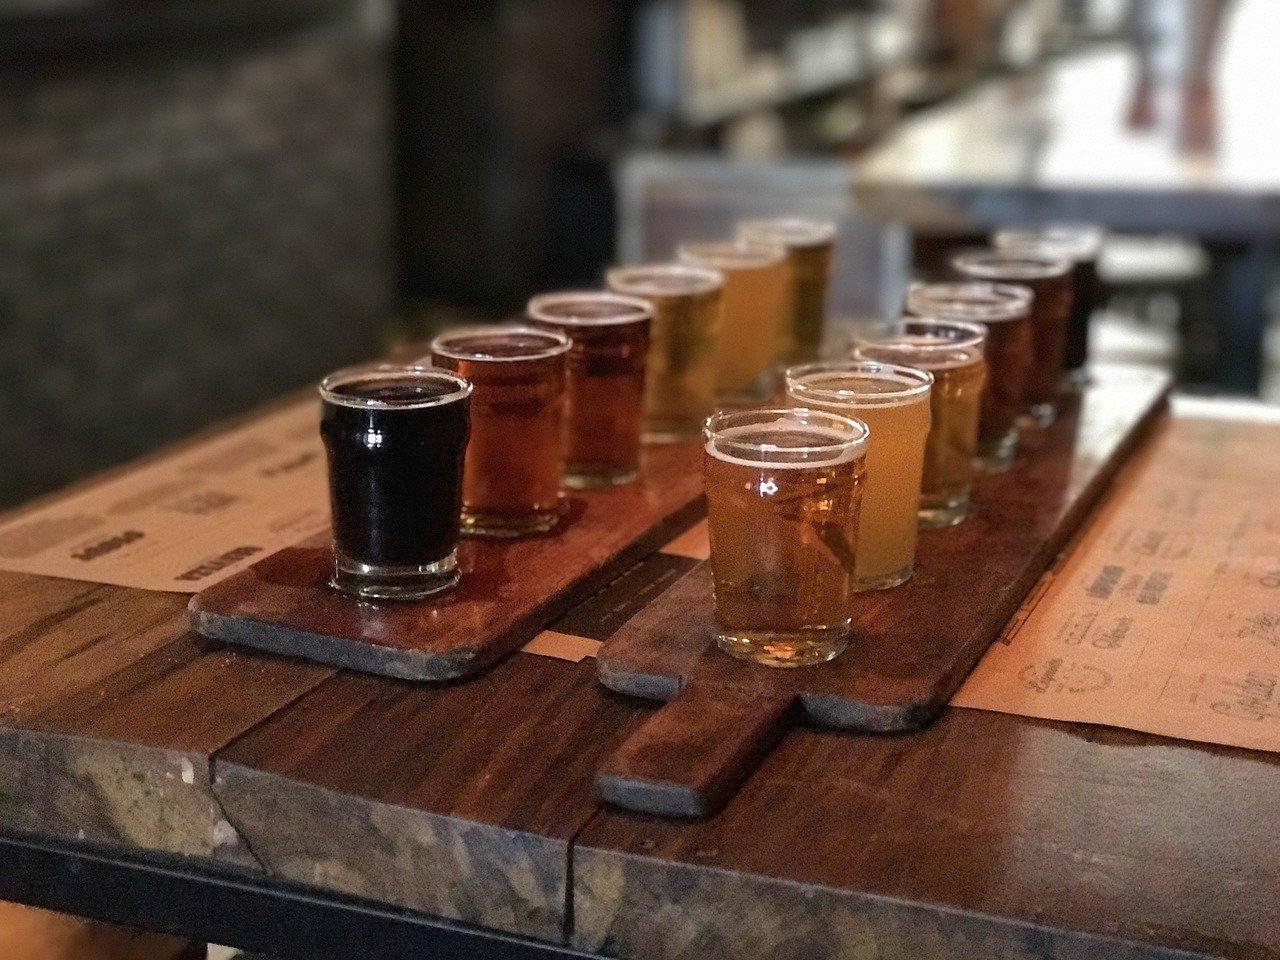 Les 5 meilleurs bars à bières artisanales de Bangkok